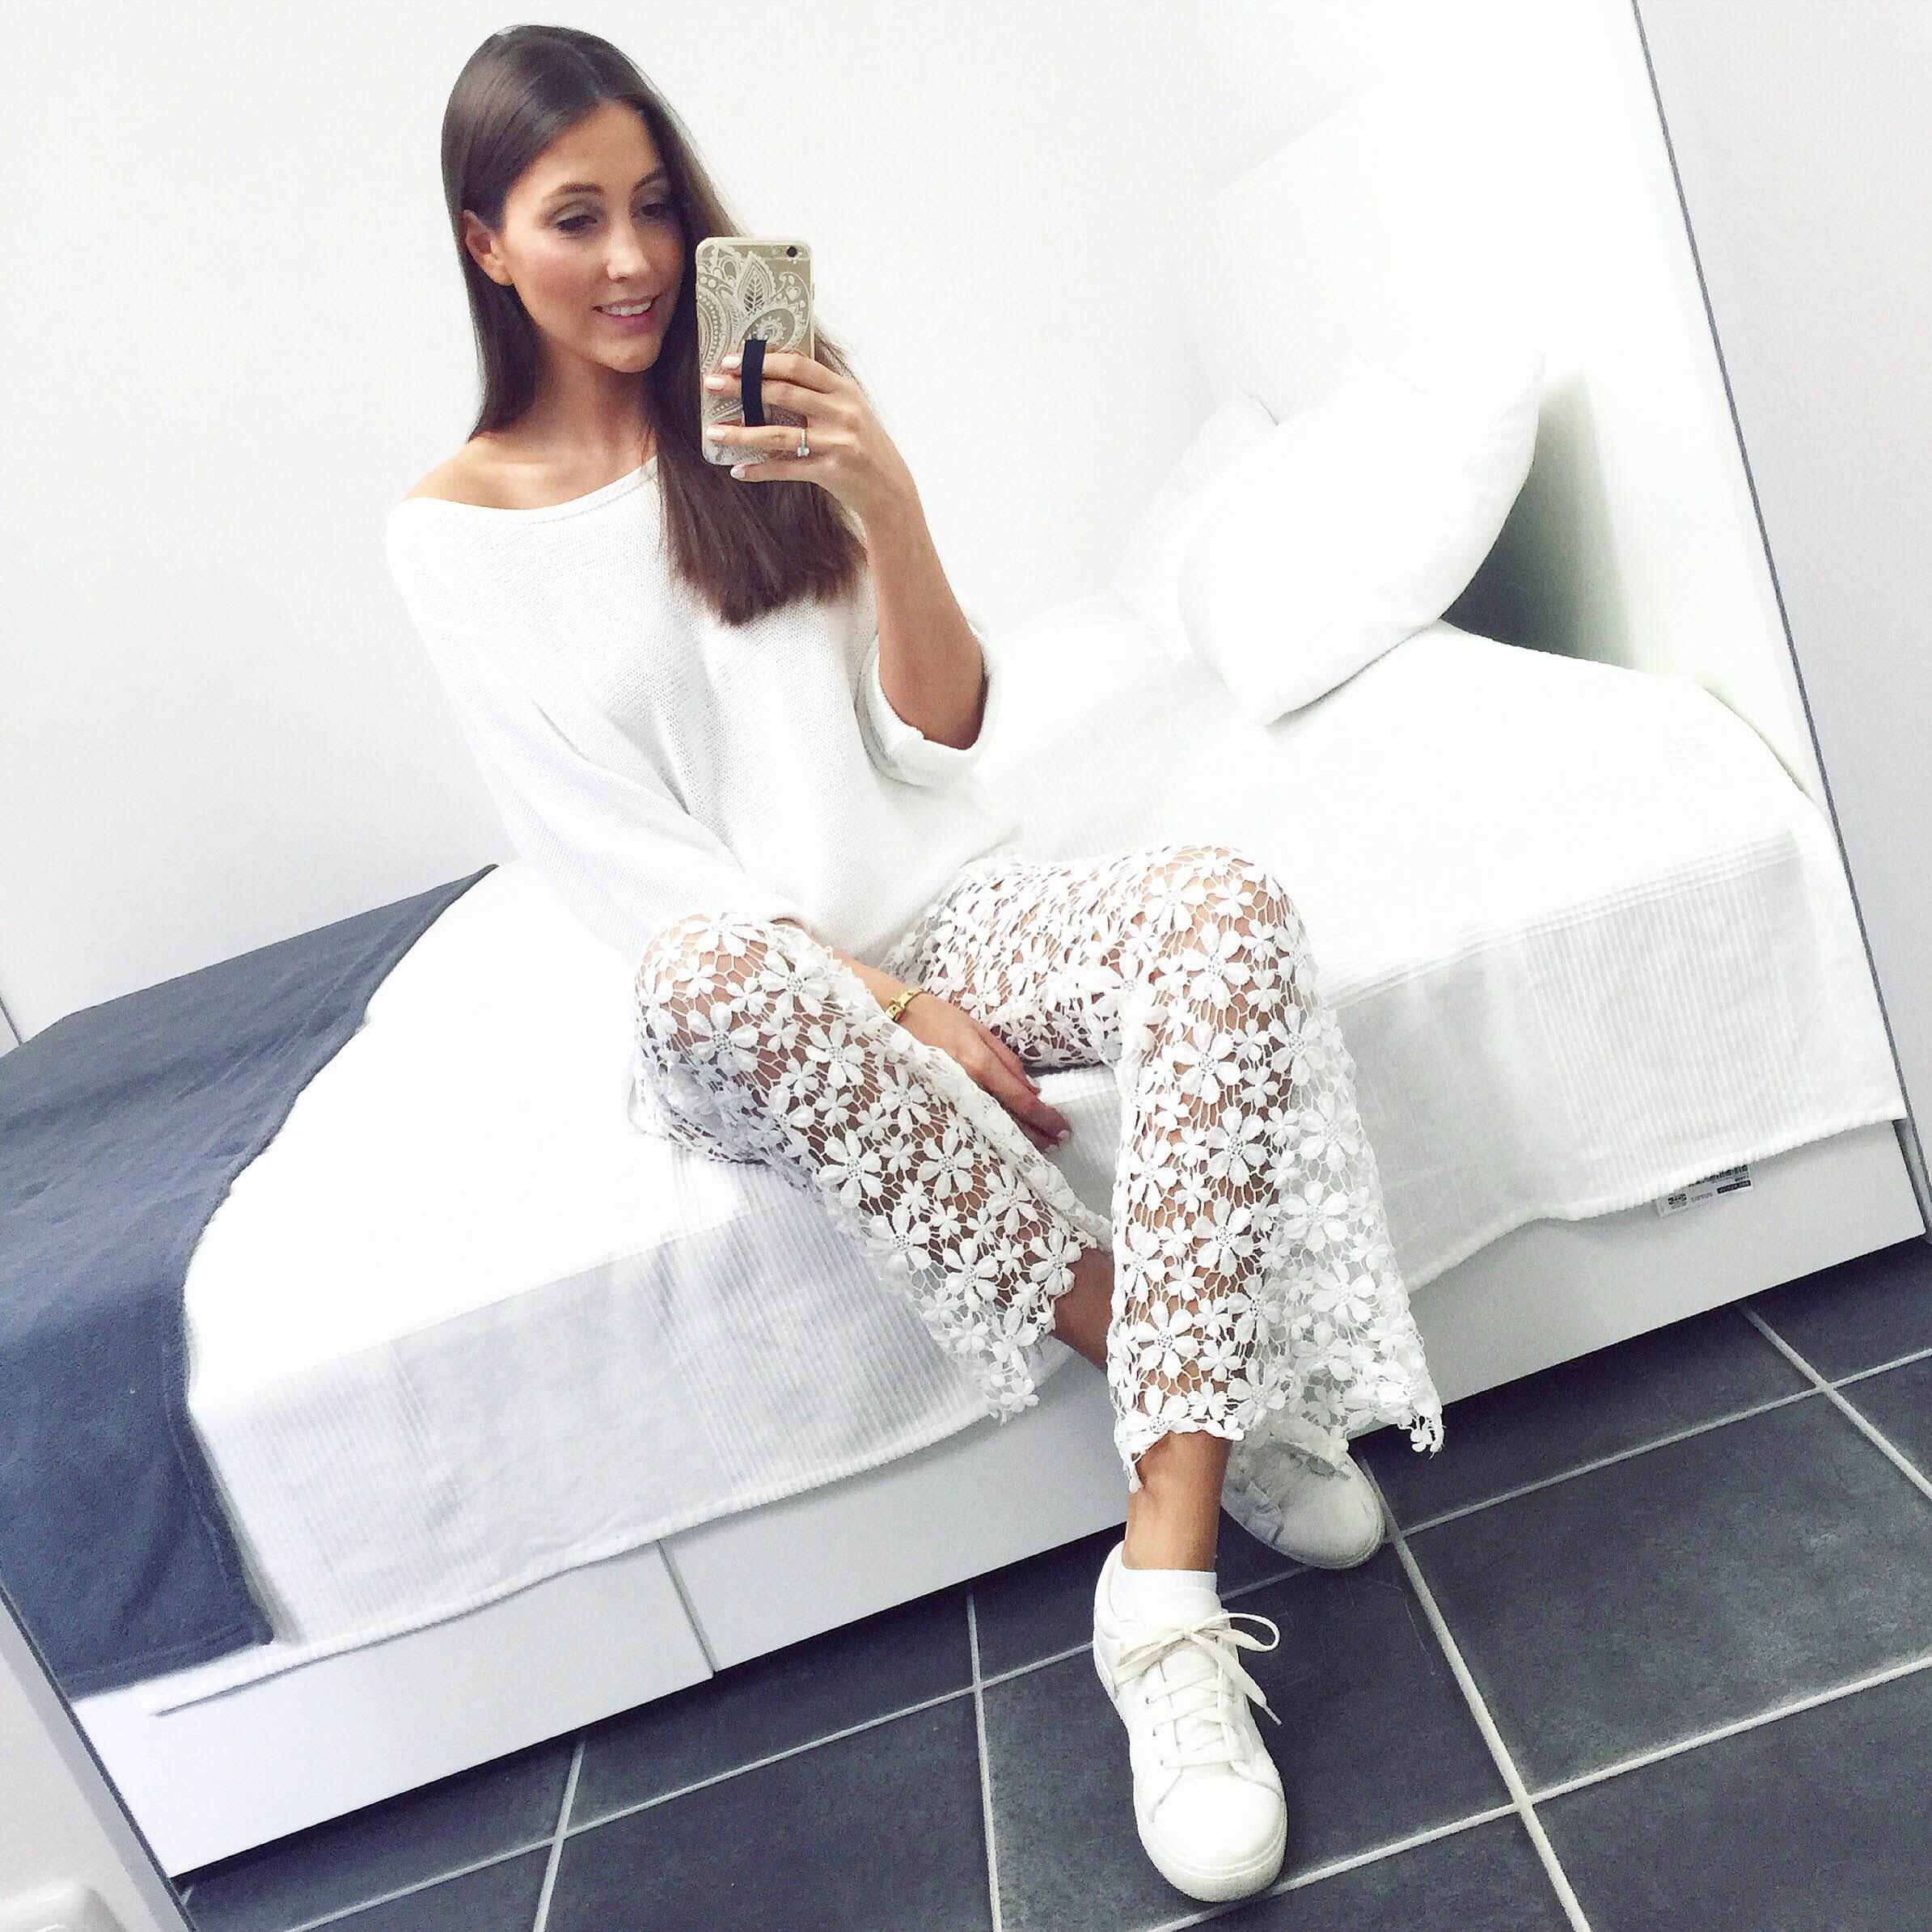 na-kd fashion haul - saskias blog